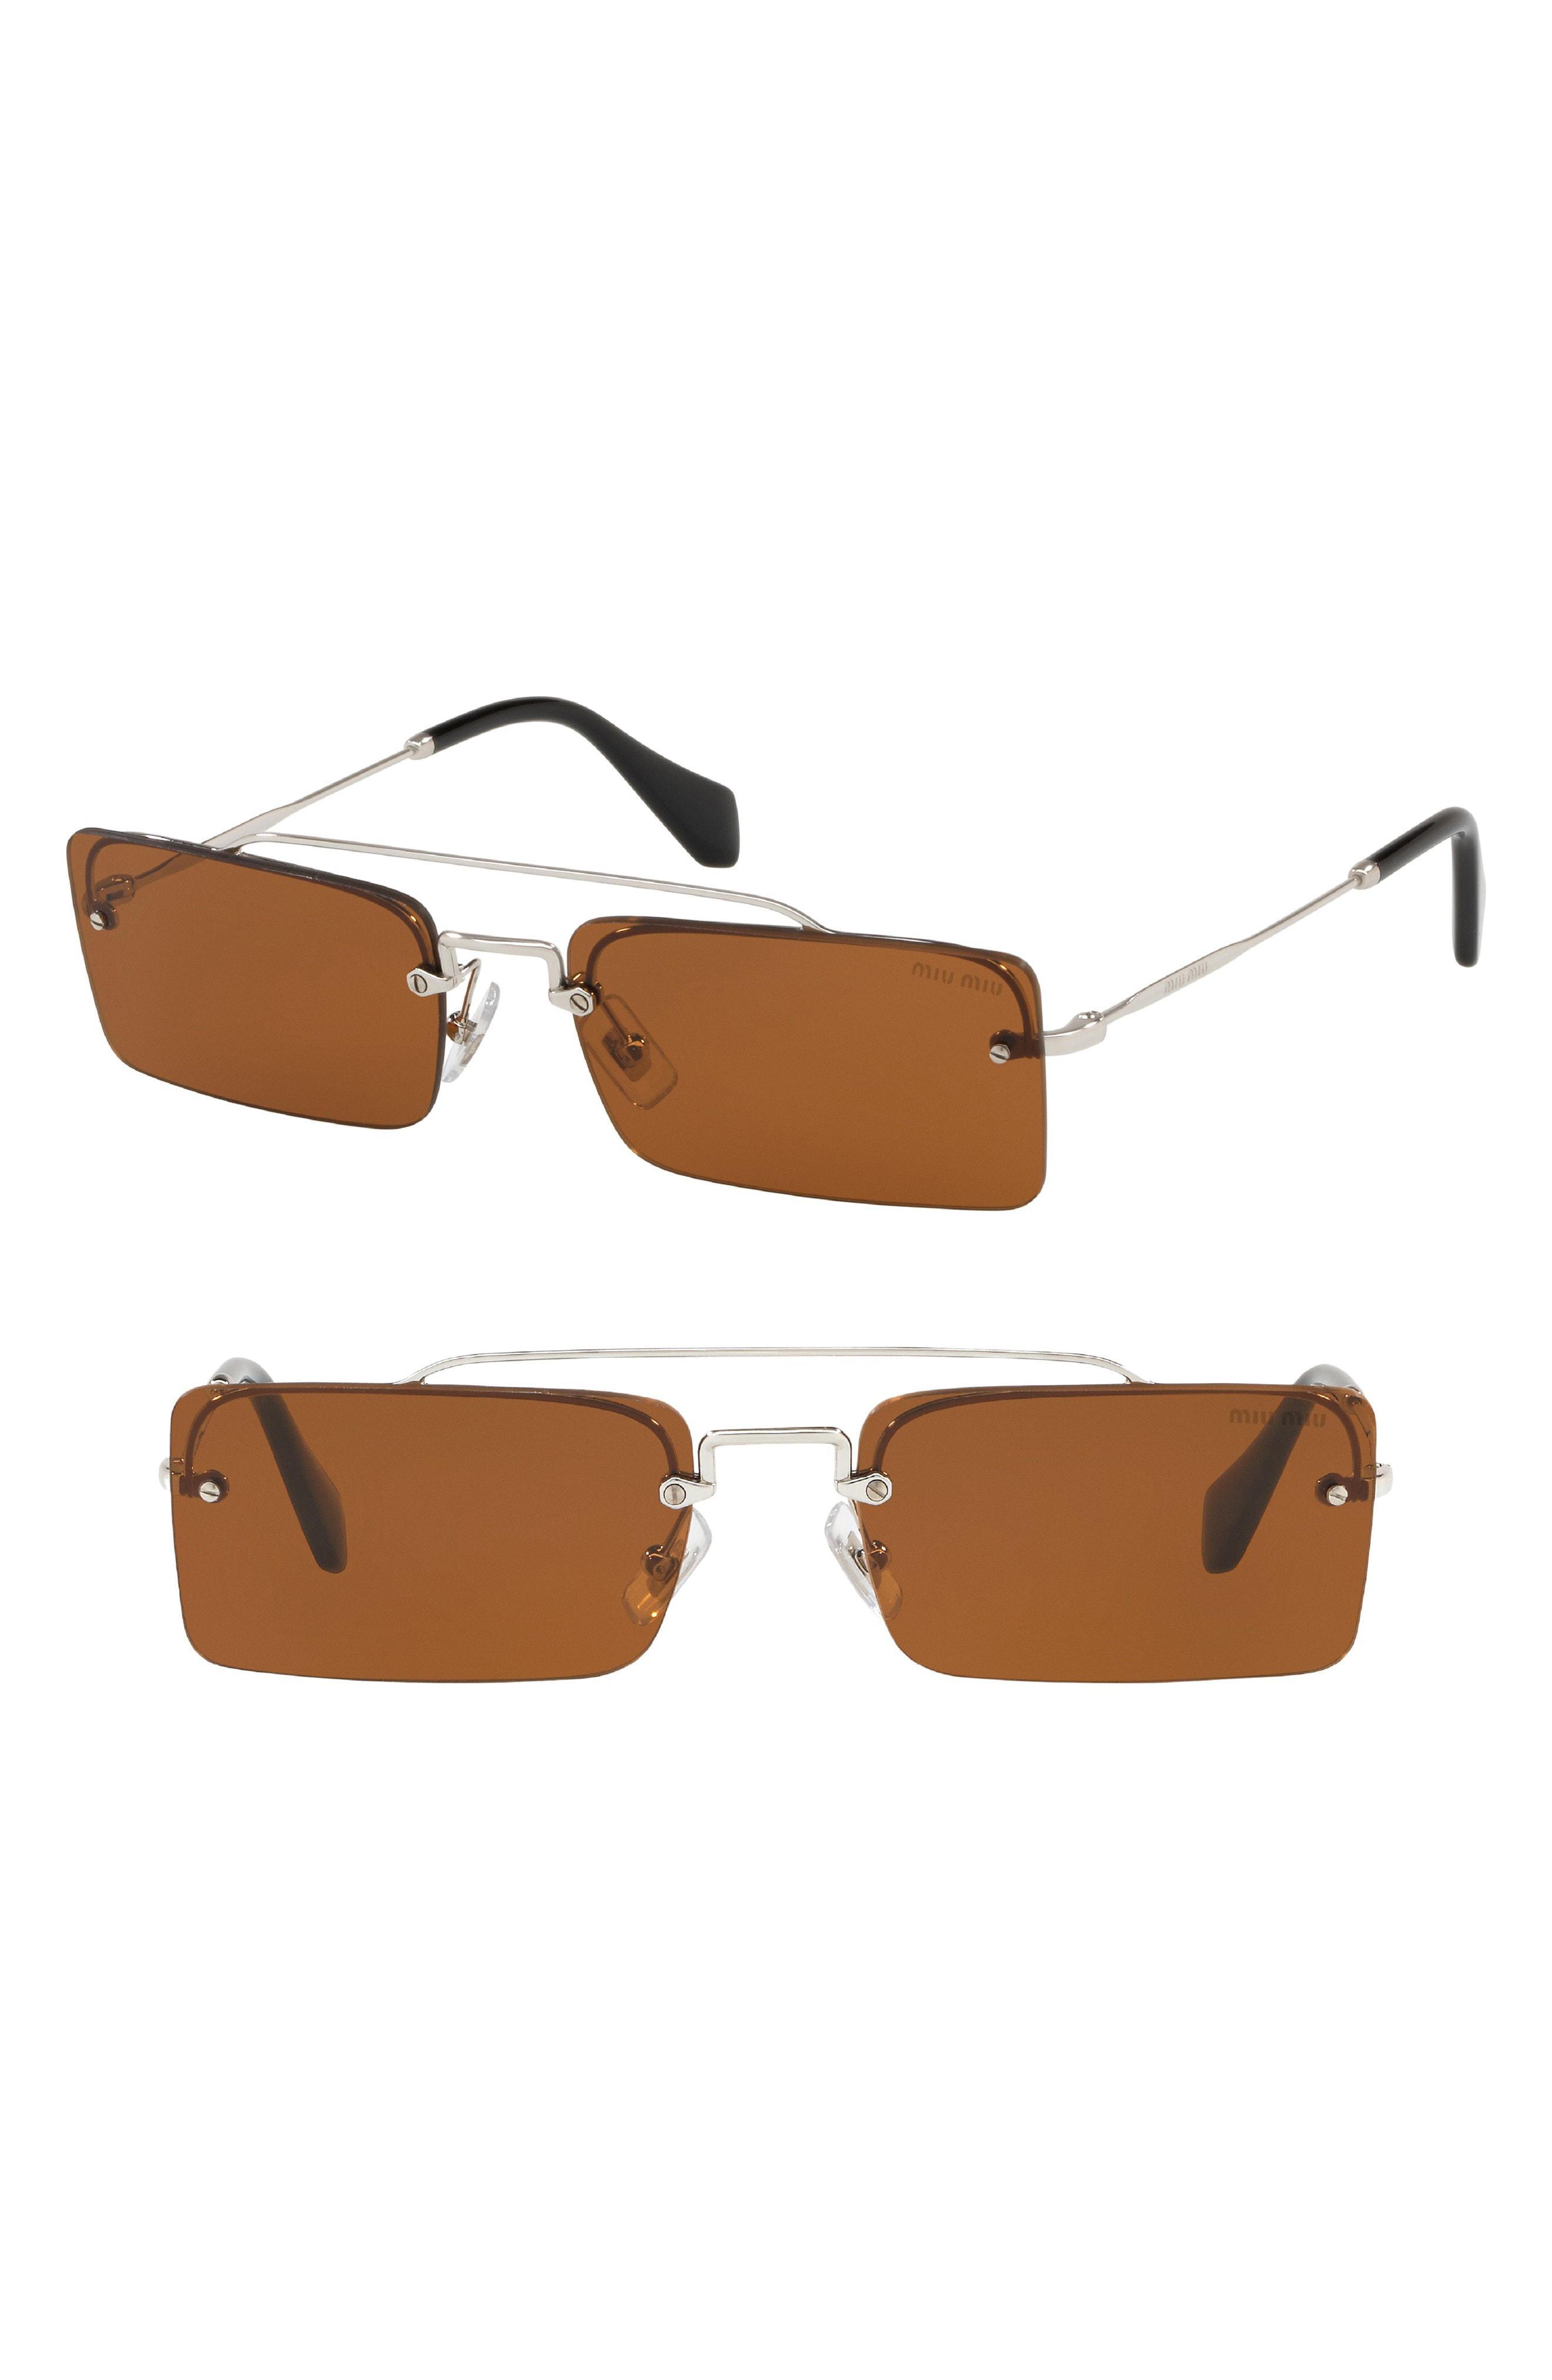 14e642b0444 Lyst - Miu Miu Socit 58mm Square Sunglasses - in Pink